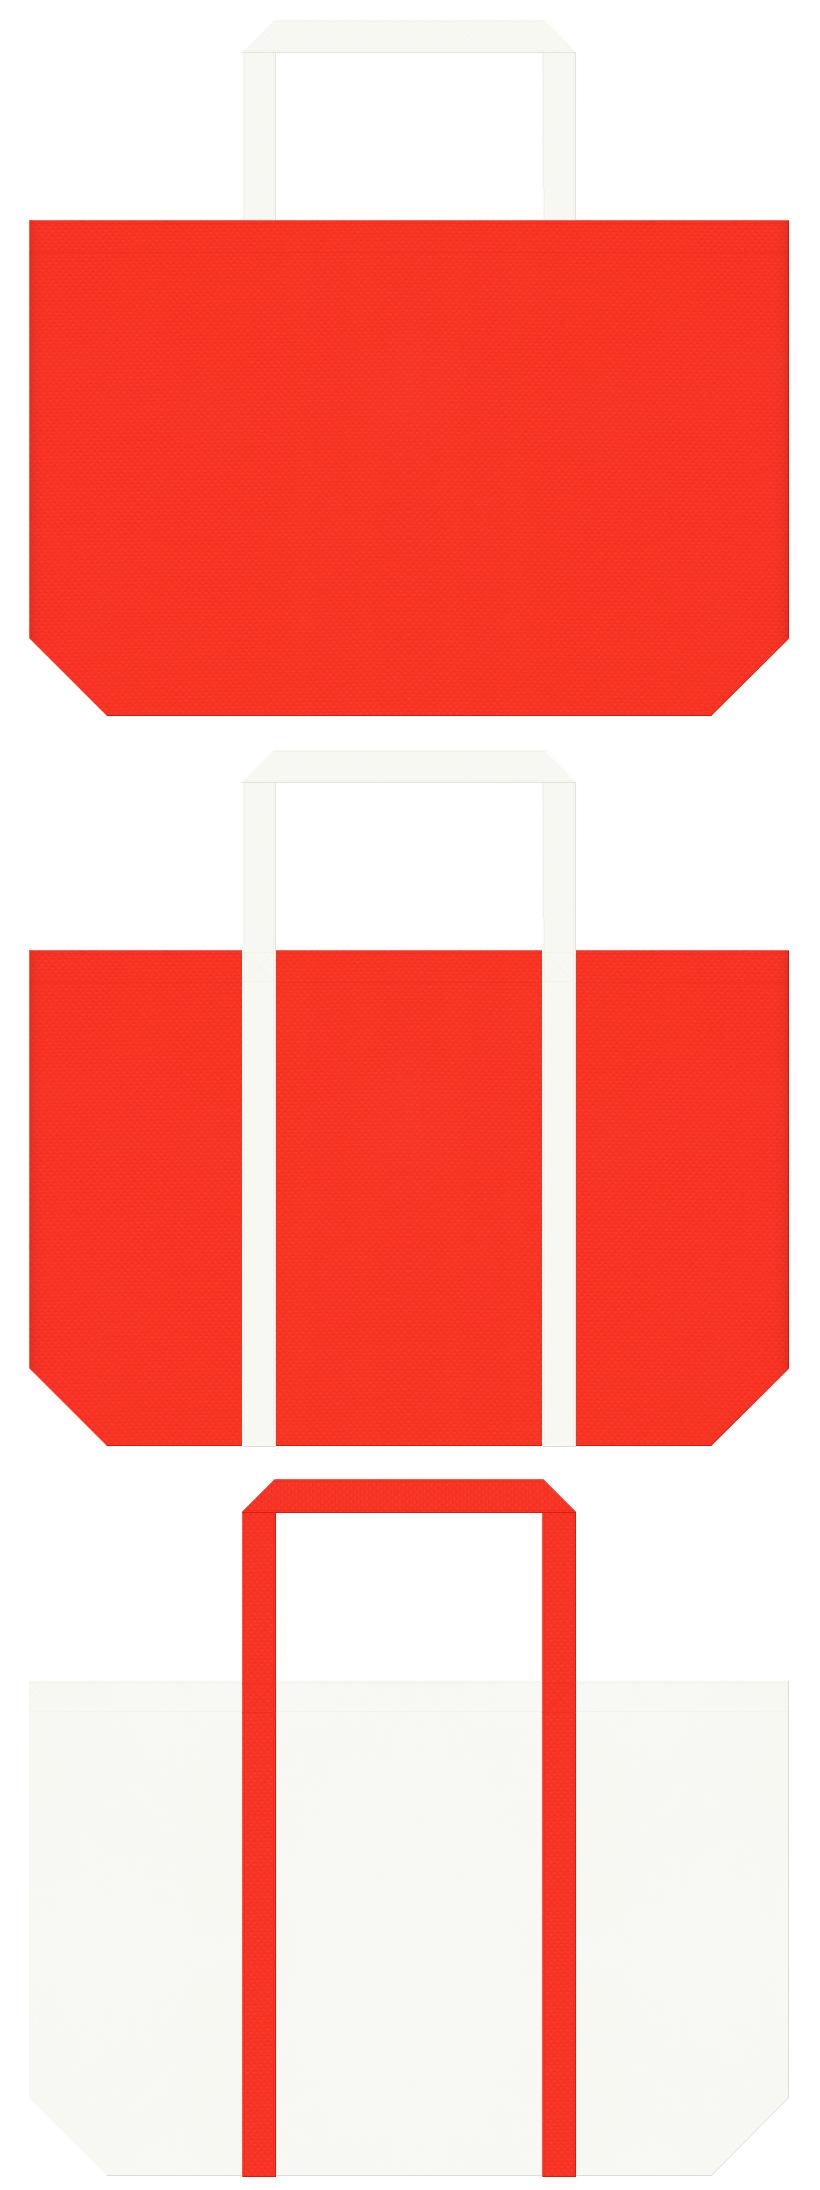 オレンジ色とオフホワイト色の不織布ショッピングバッグデザイン。キッチン用品のショッピングバッグにお奨めです。